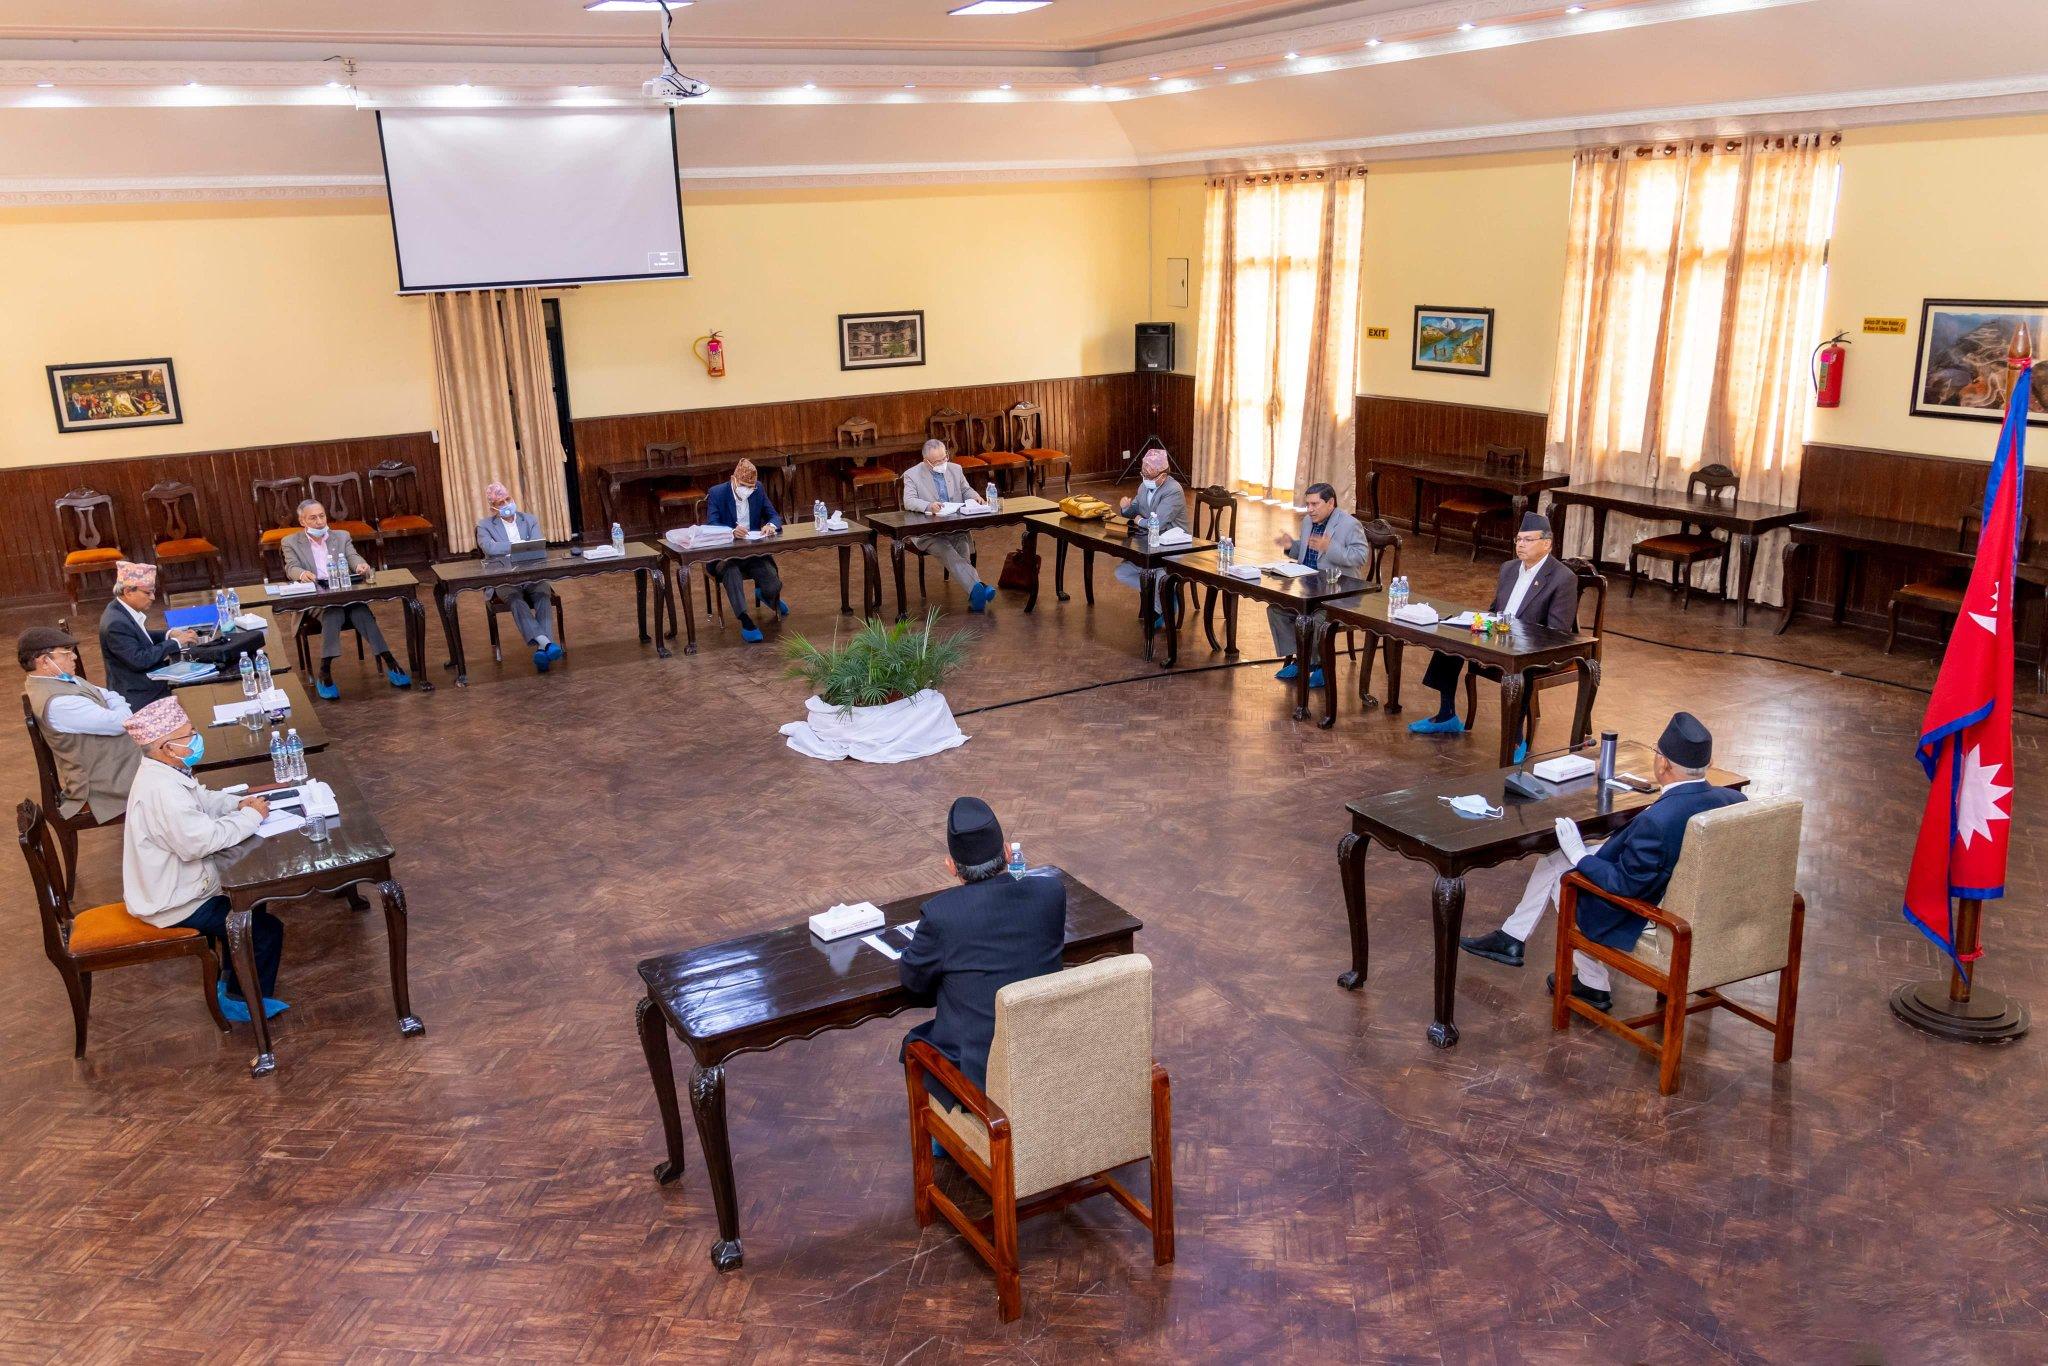 एमसीसी संसदबाट पारित नहुँदासम्म एमसीए नेपालका काम रोक्ने नेकपाको निर्णय